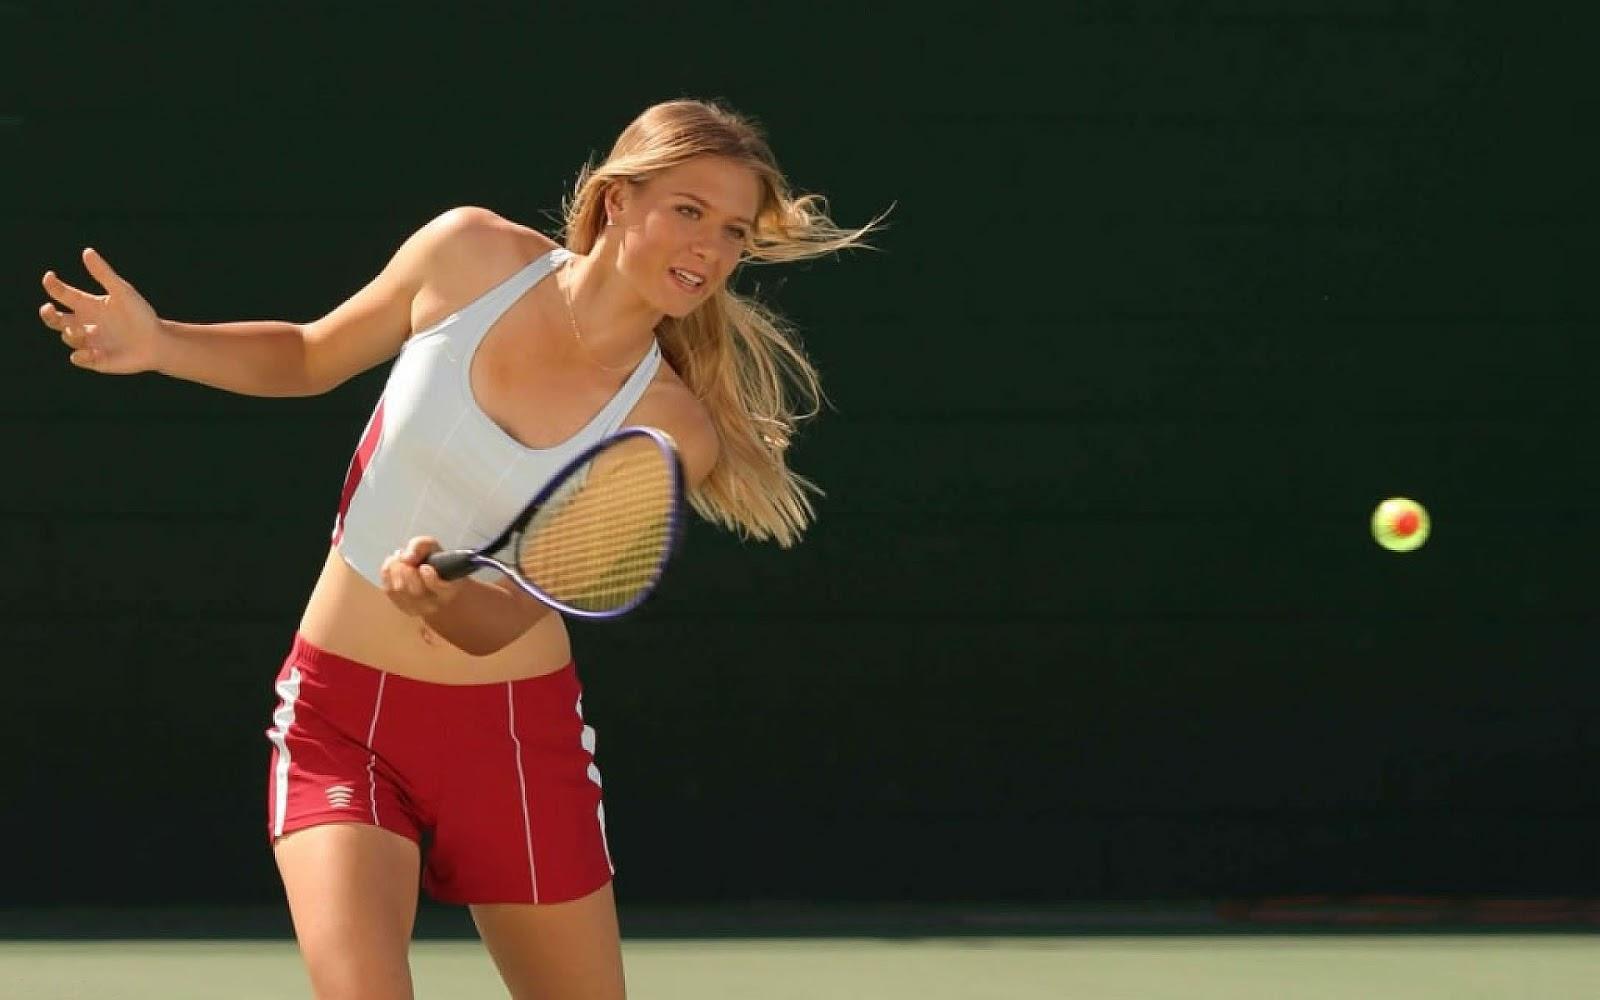 Sport Wallpaper Tennis: Tennis Wallpapers HD